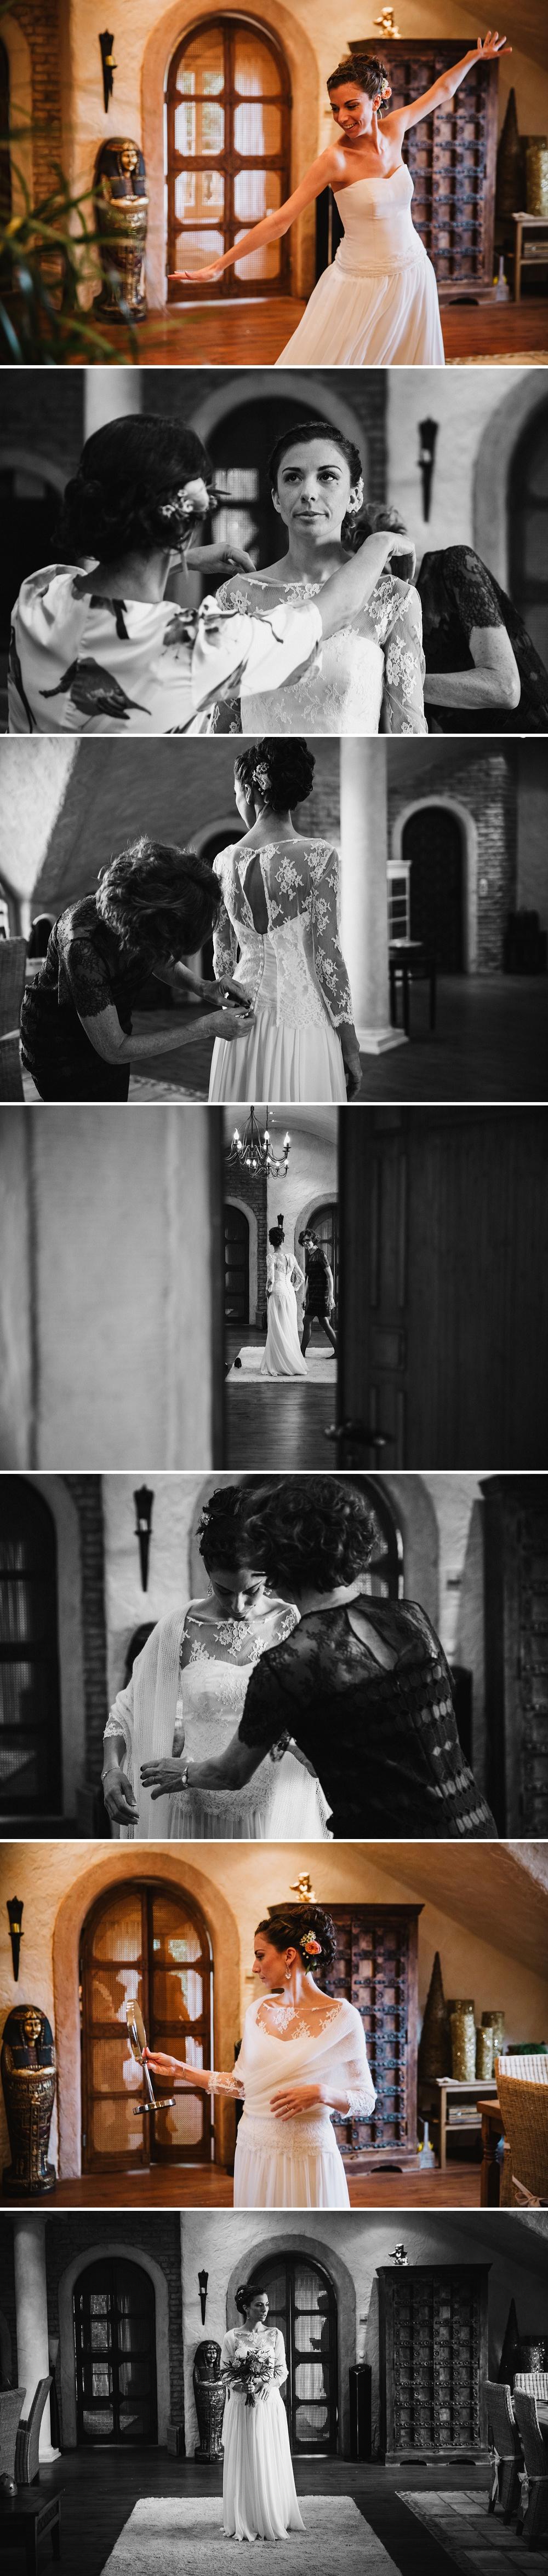 mariage-allemagne-molino-05.jpg